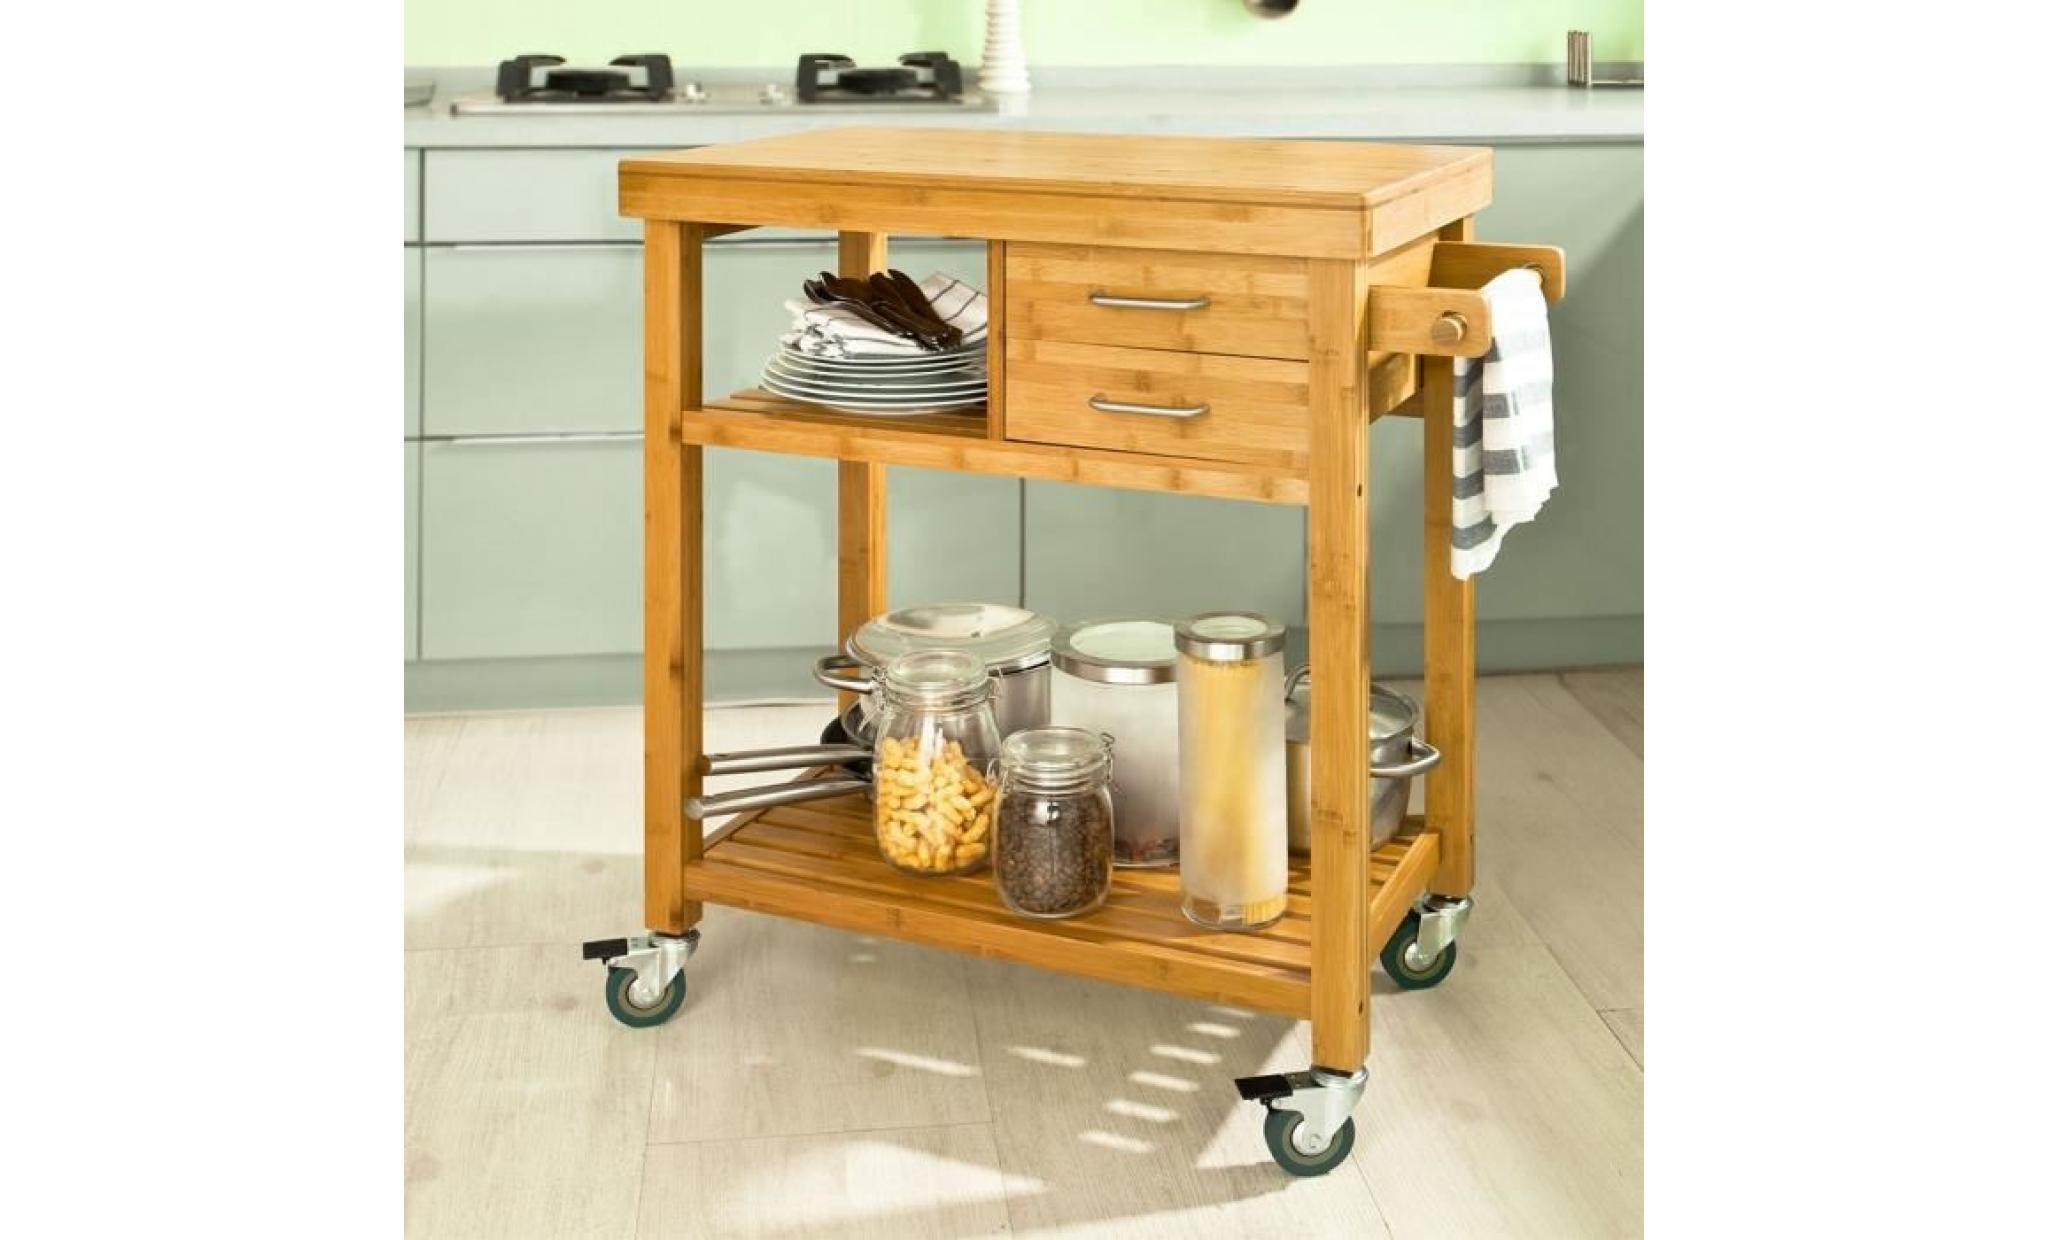 sobuy® fkw13 n meuble rangement cuisine roulant en bambou, chariot de  cuisine, desserte à roulettes, kitchen trolley